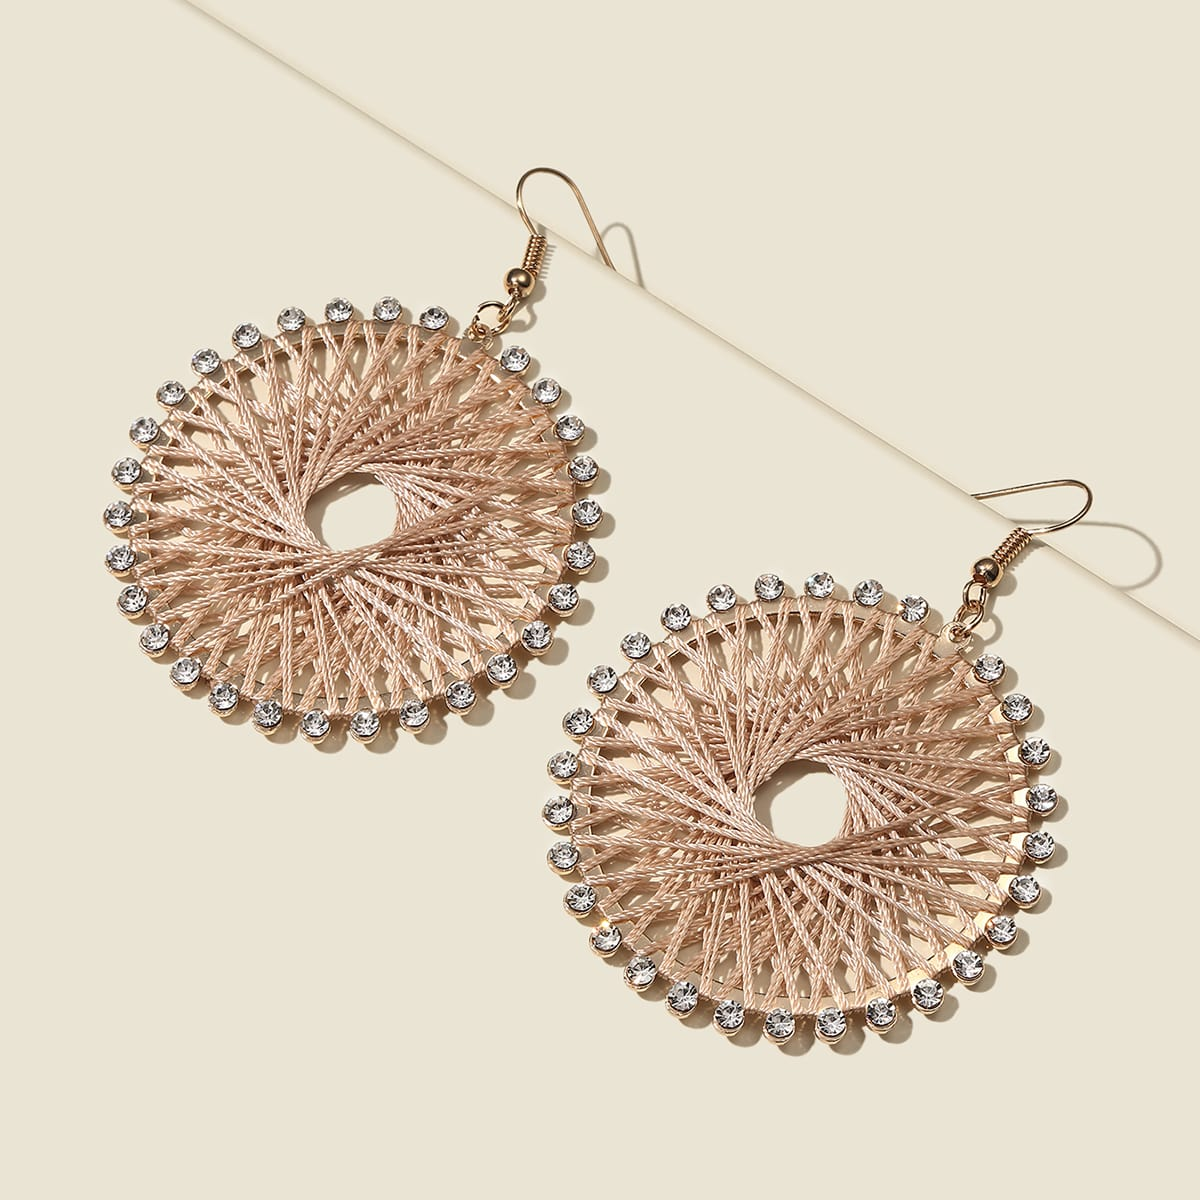 SHEIN / Pendientes trenzados con diamante de imitación